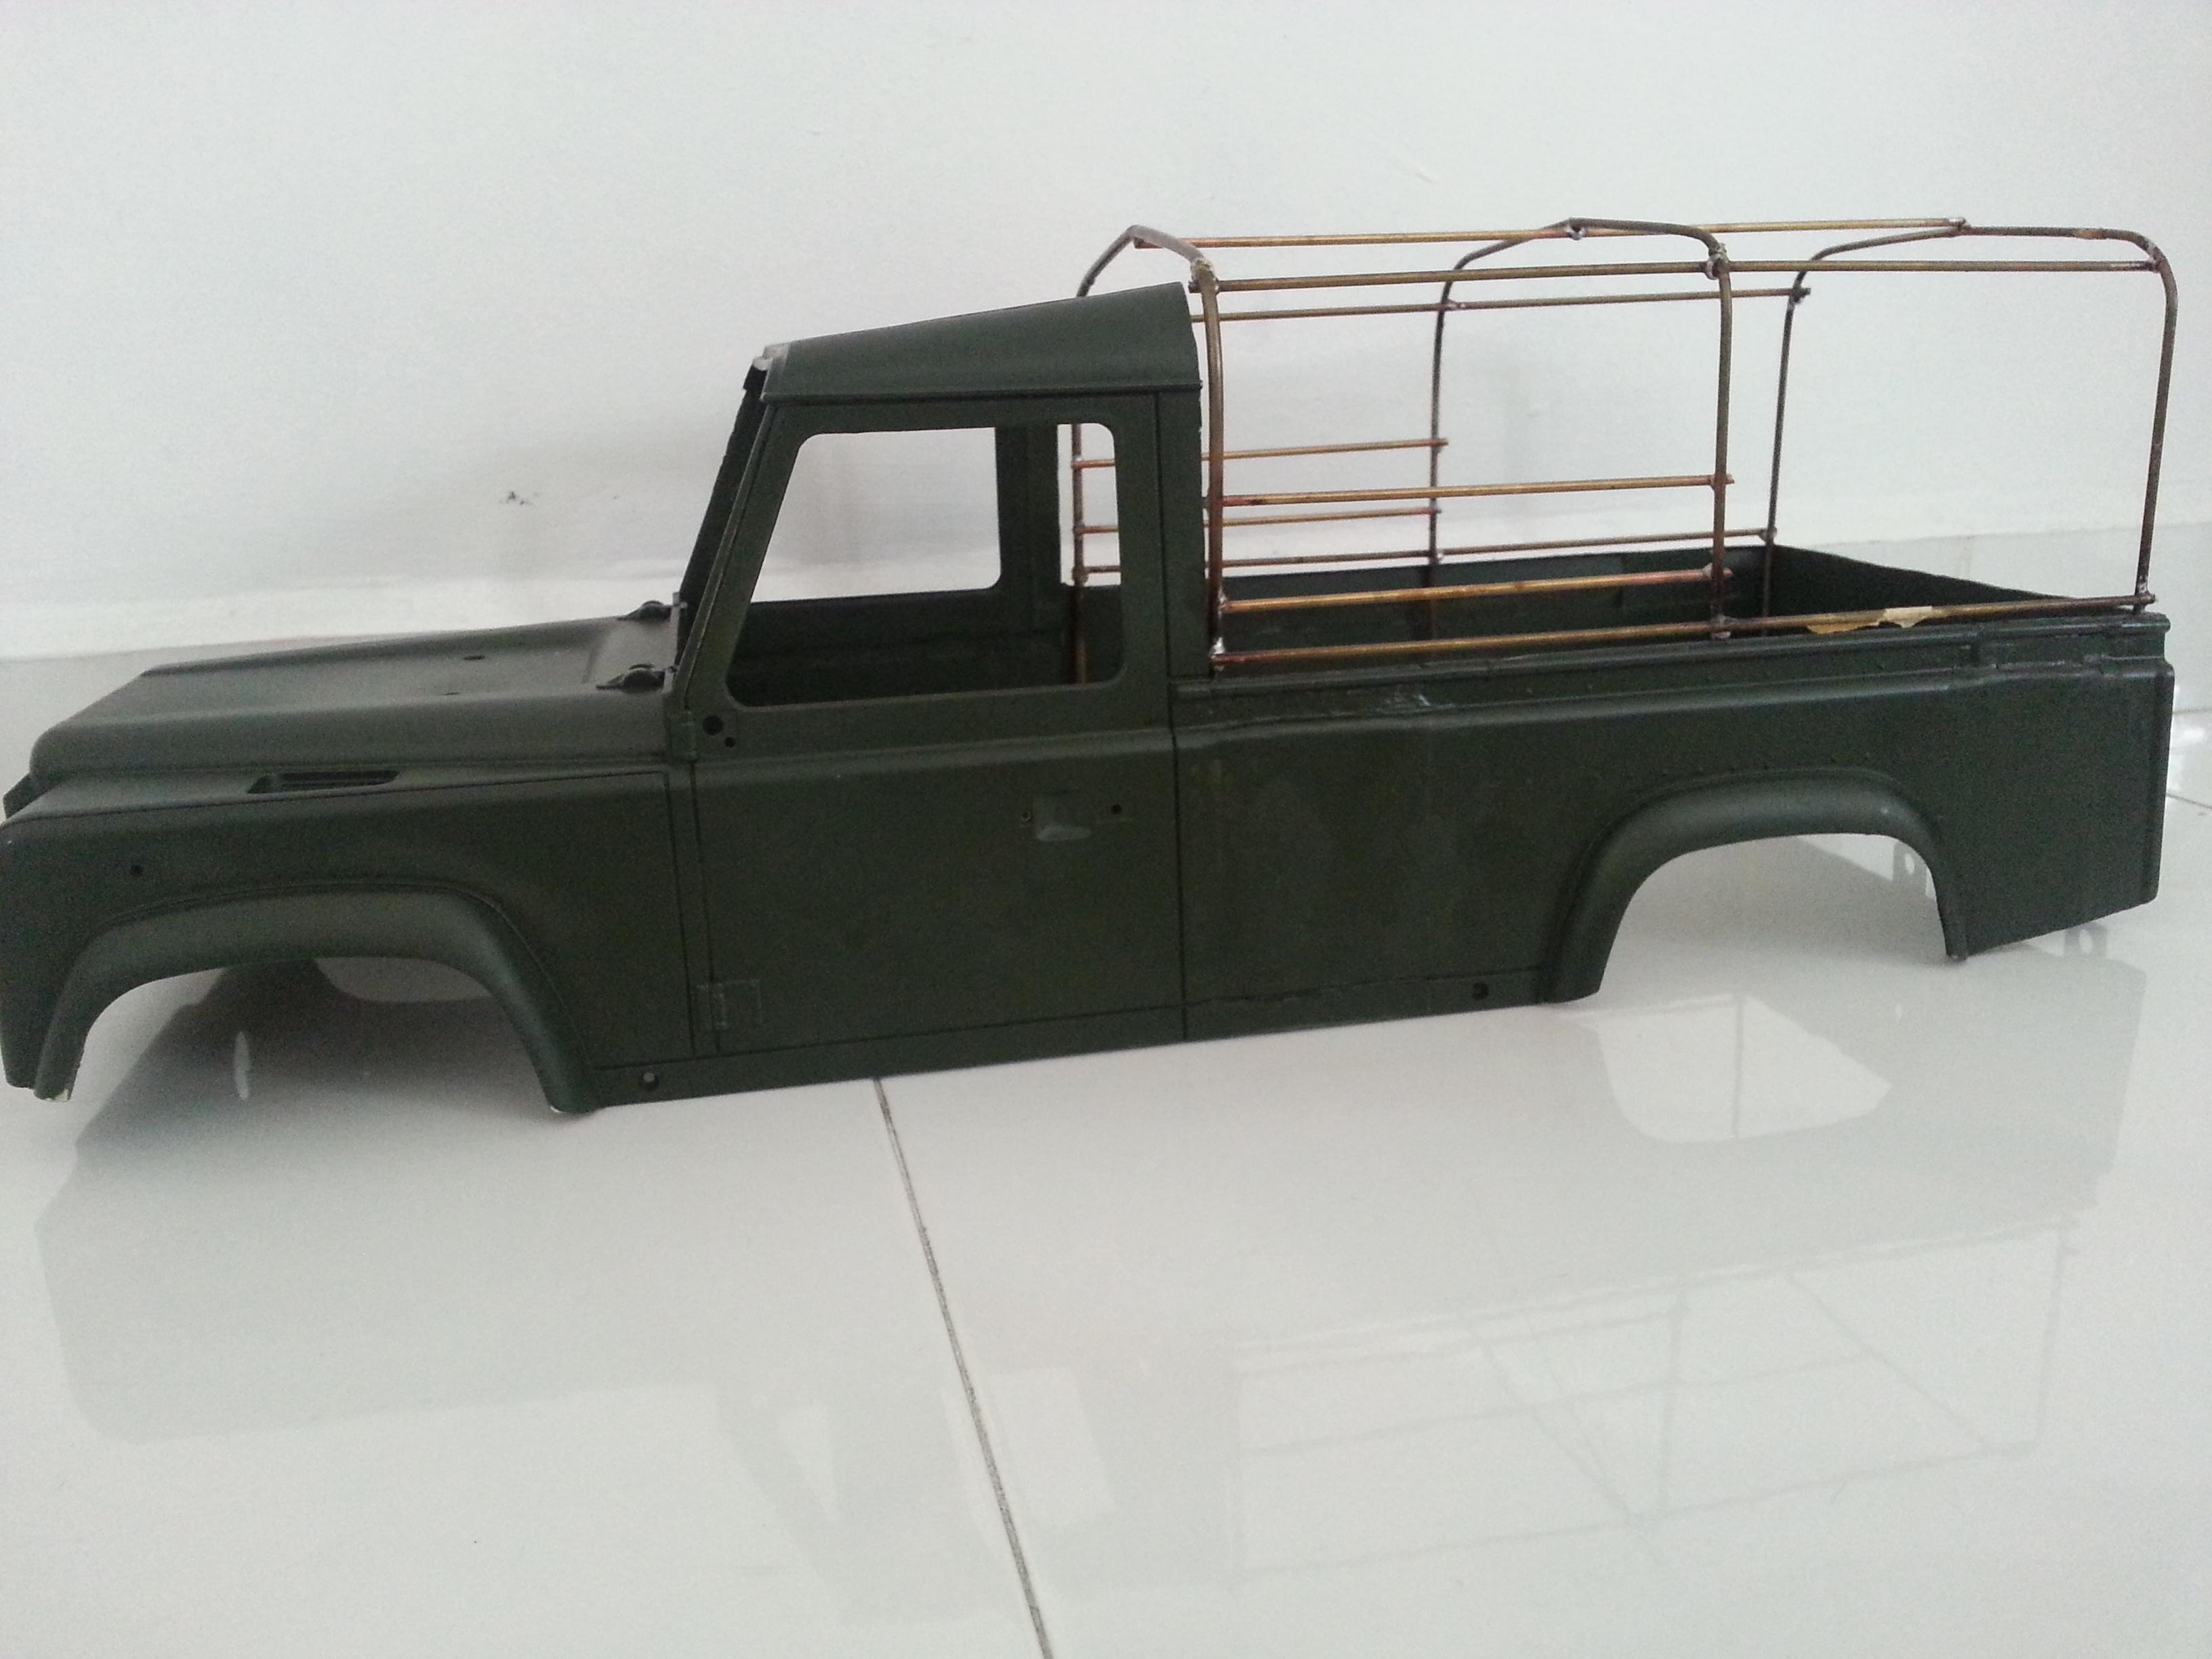 rover - BabyBoy's Land Rover D110 V2 - Page 2 14989398979_1a802d7a79_o